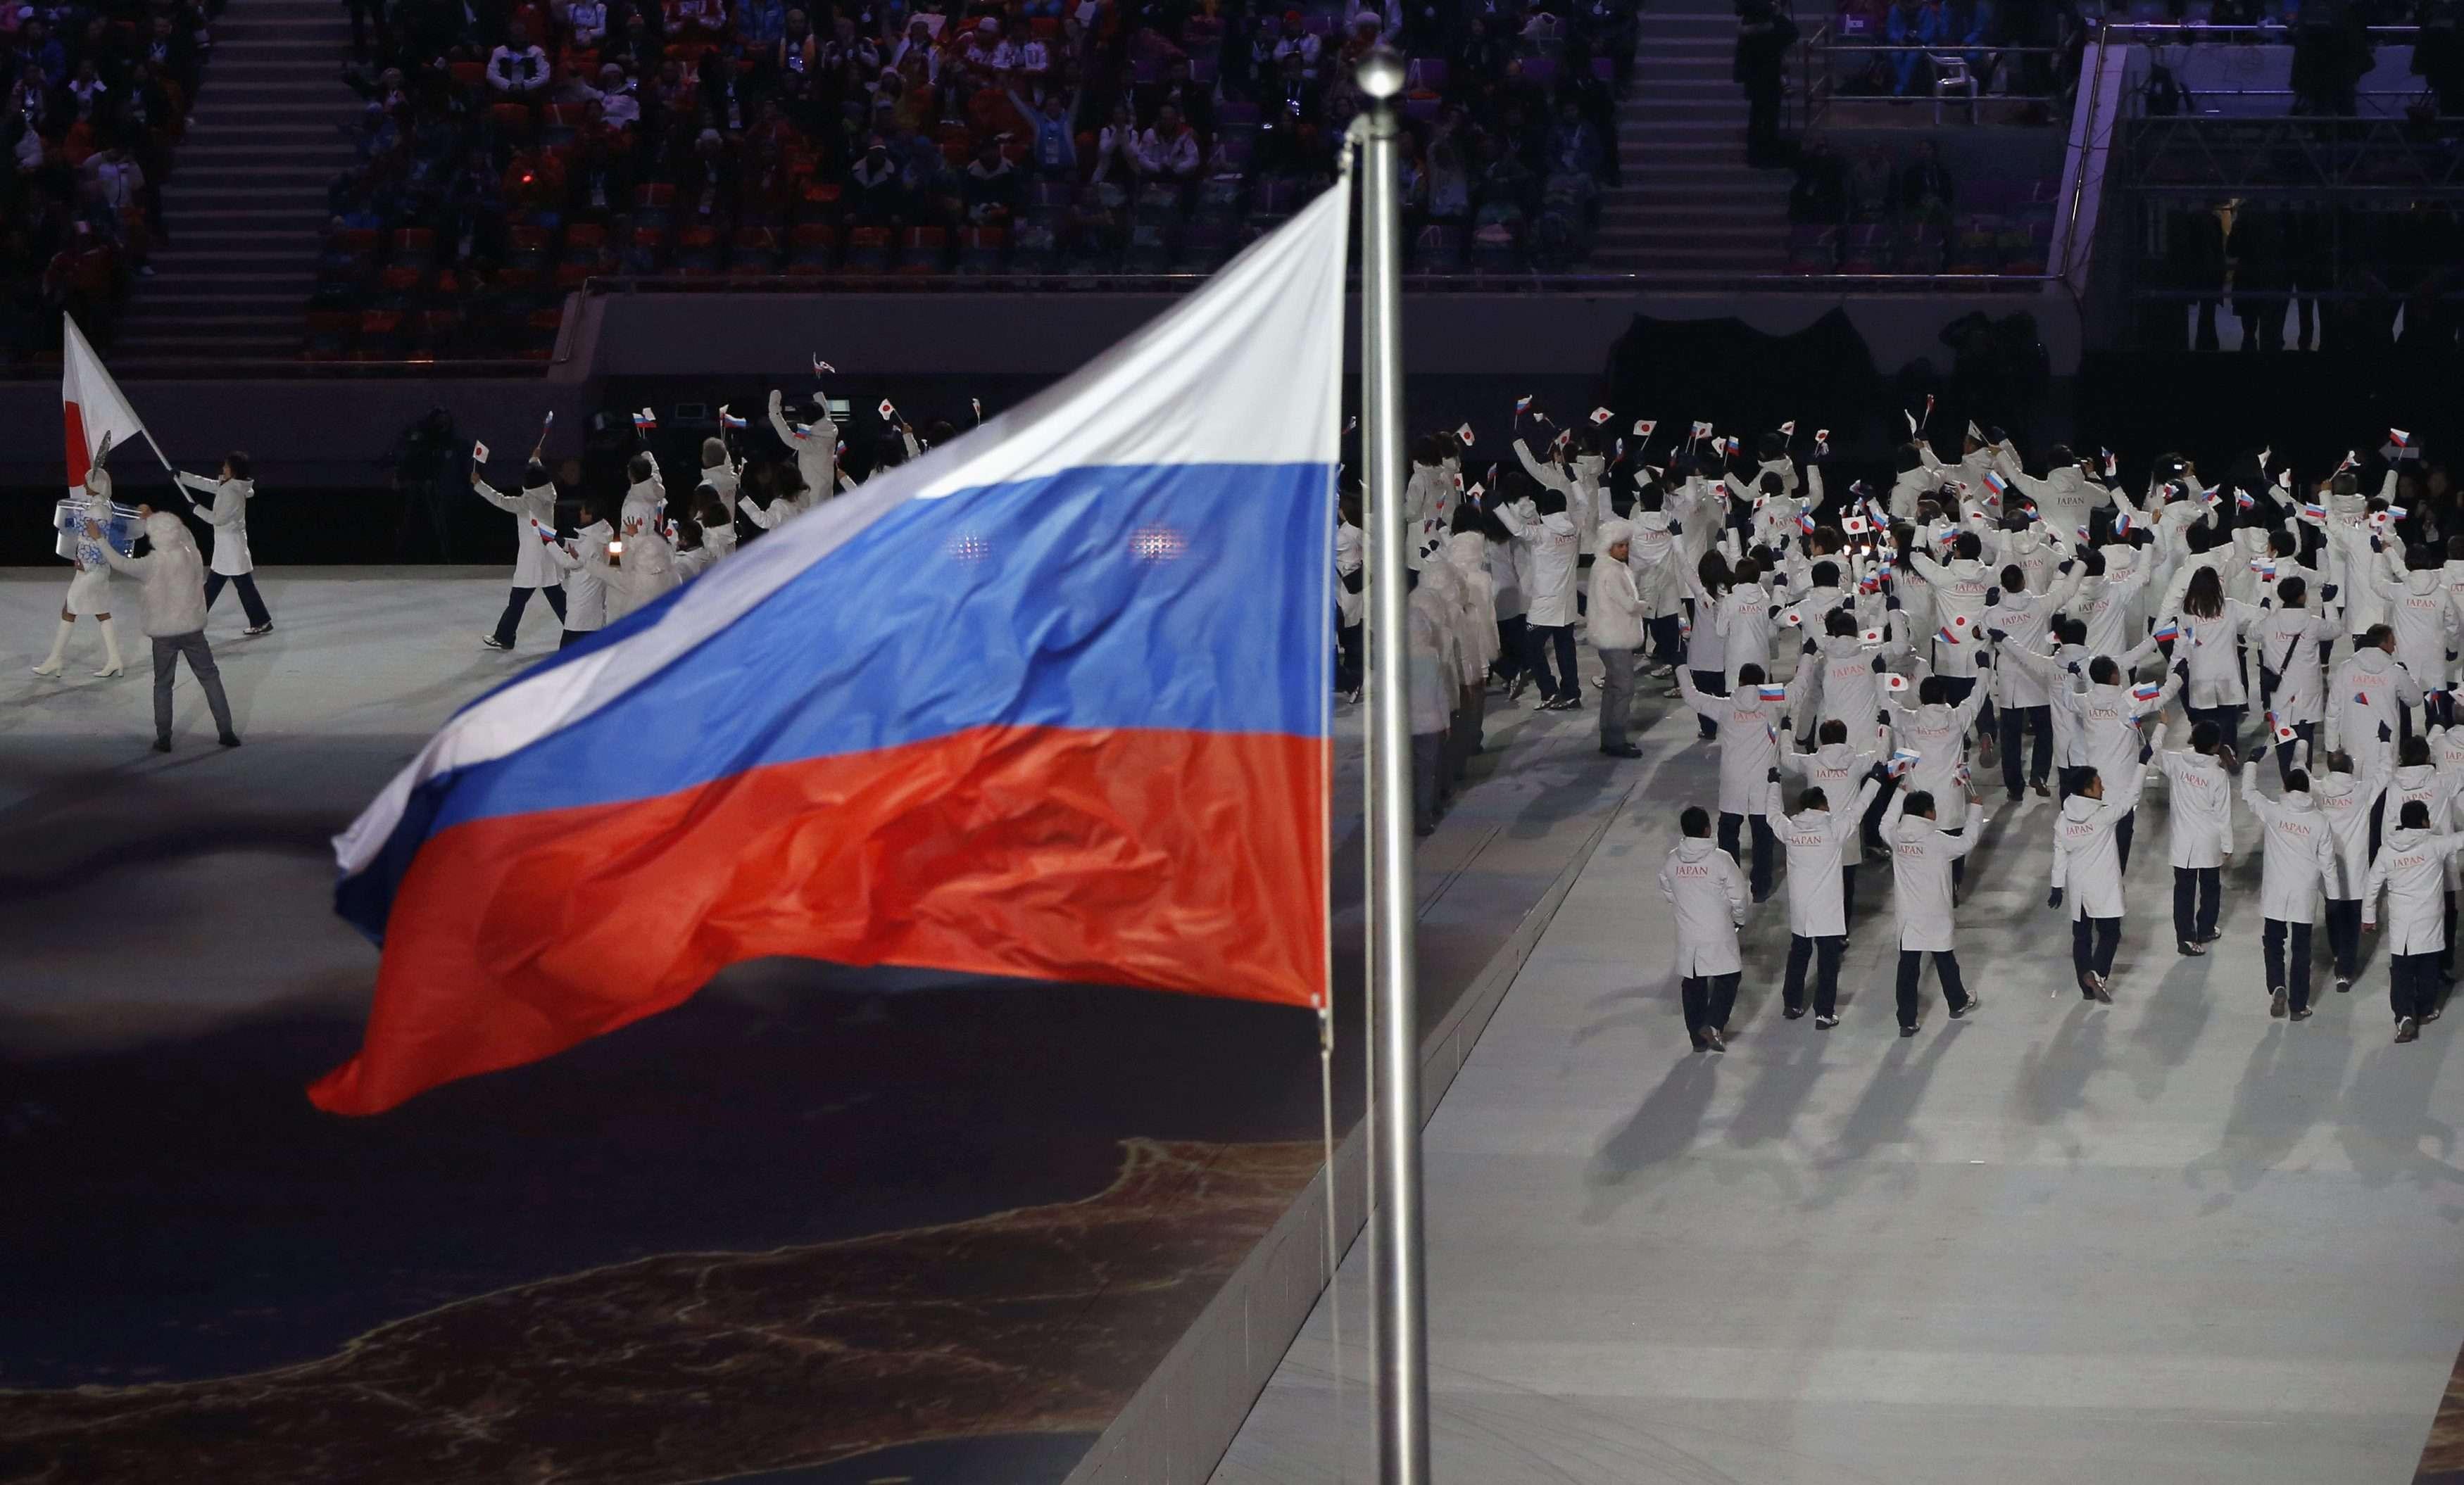 Revelan amenza económica para Rusia tras los Juegos de Sochi